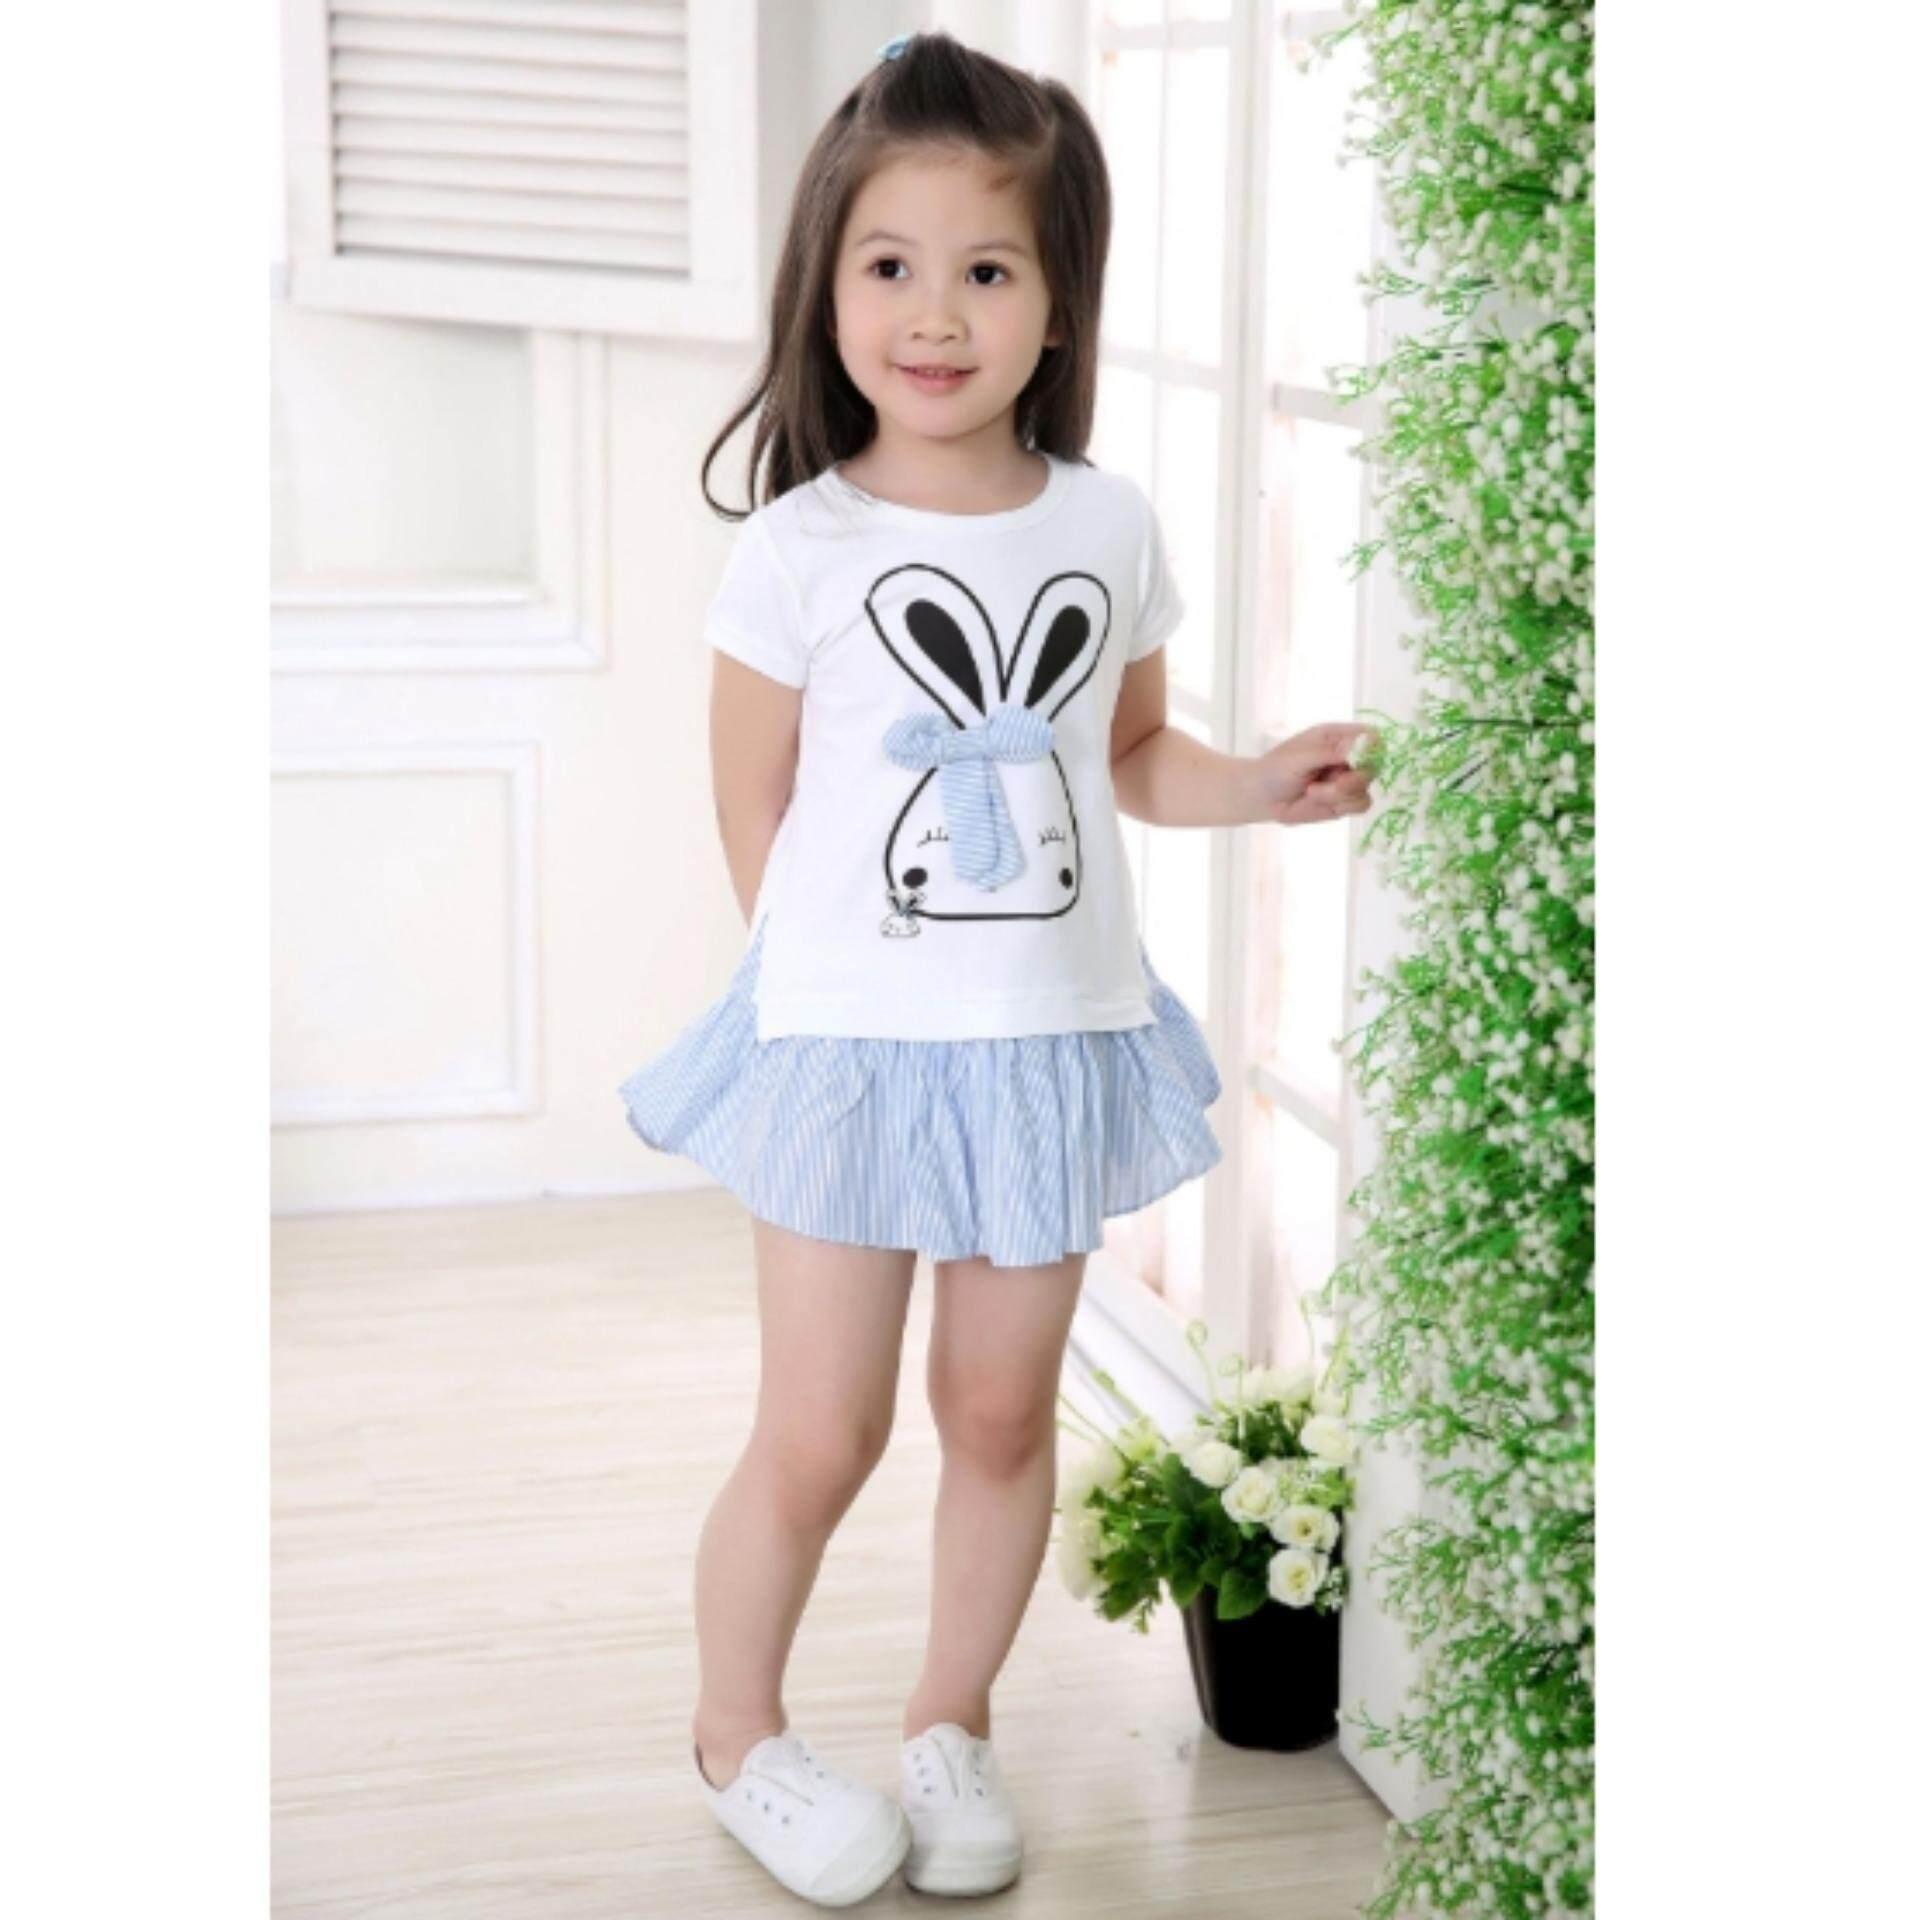 ชุดกระโปรงลายกระต่ายน้อยผูกโบว์สุดน่ารัก Kids Clothes ผ้านุ่มใส่สบาย ไซส์ 70-140 ซม./6 เดือน-10 ปี By Pae Kids Shop.